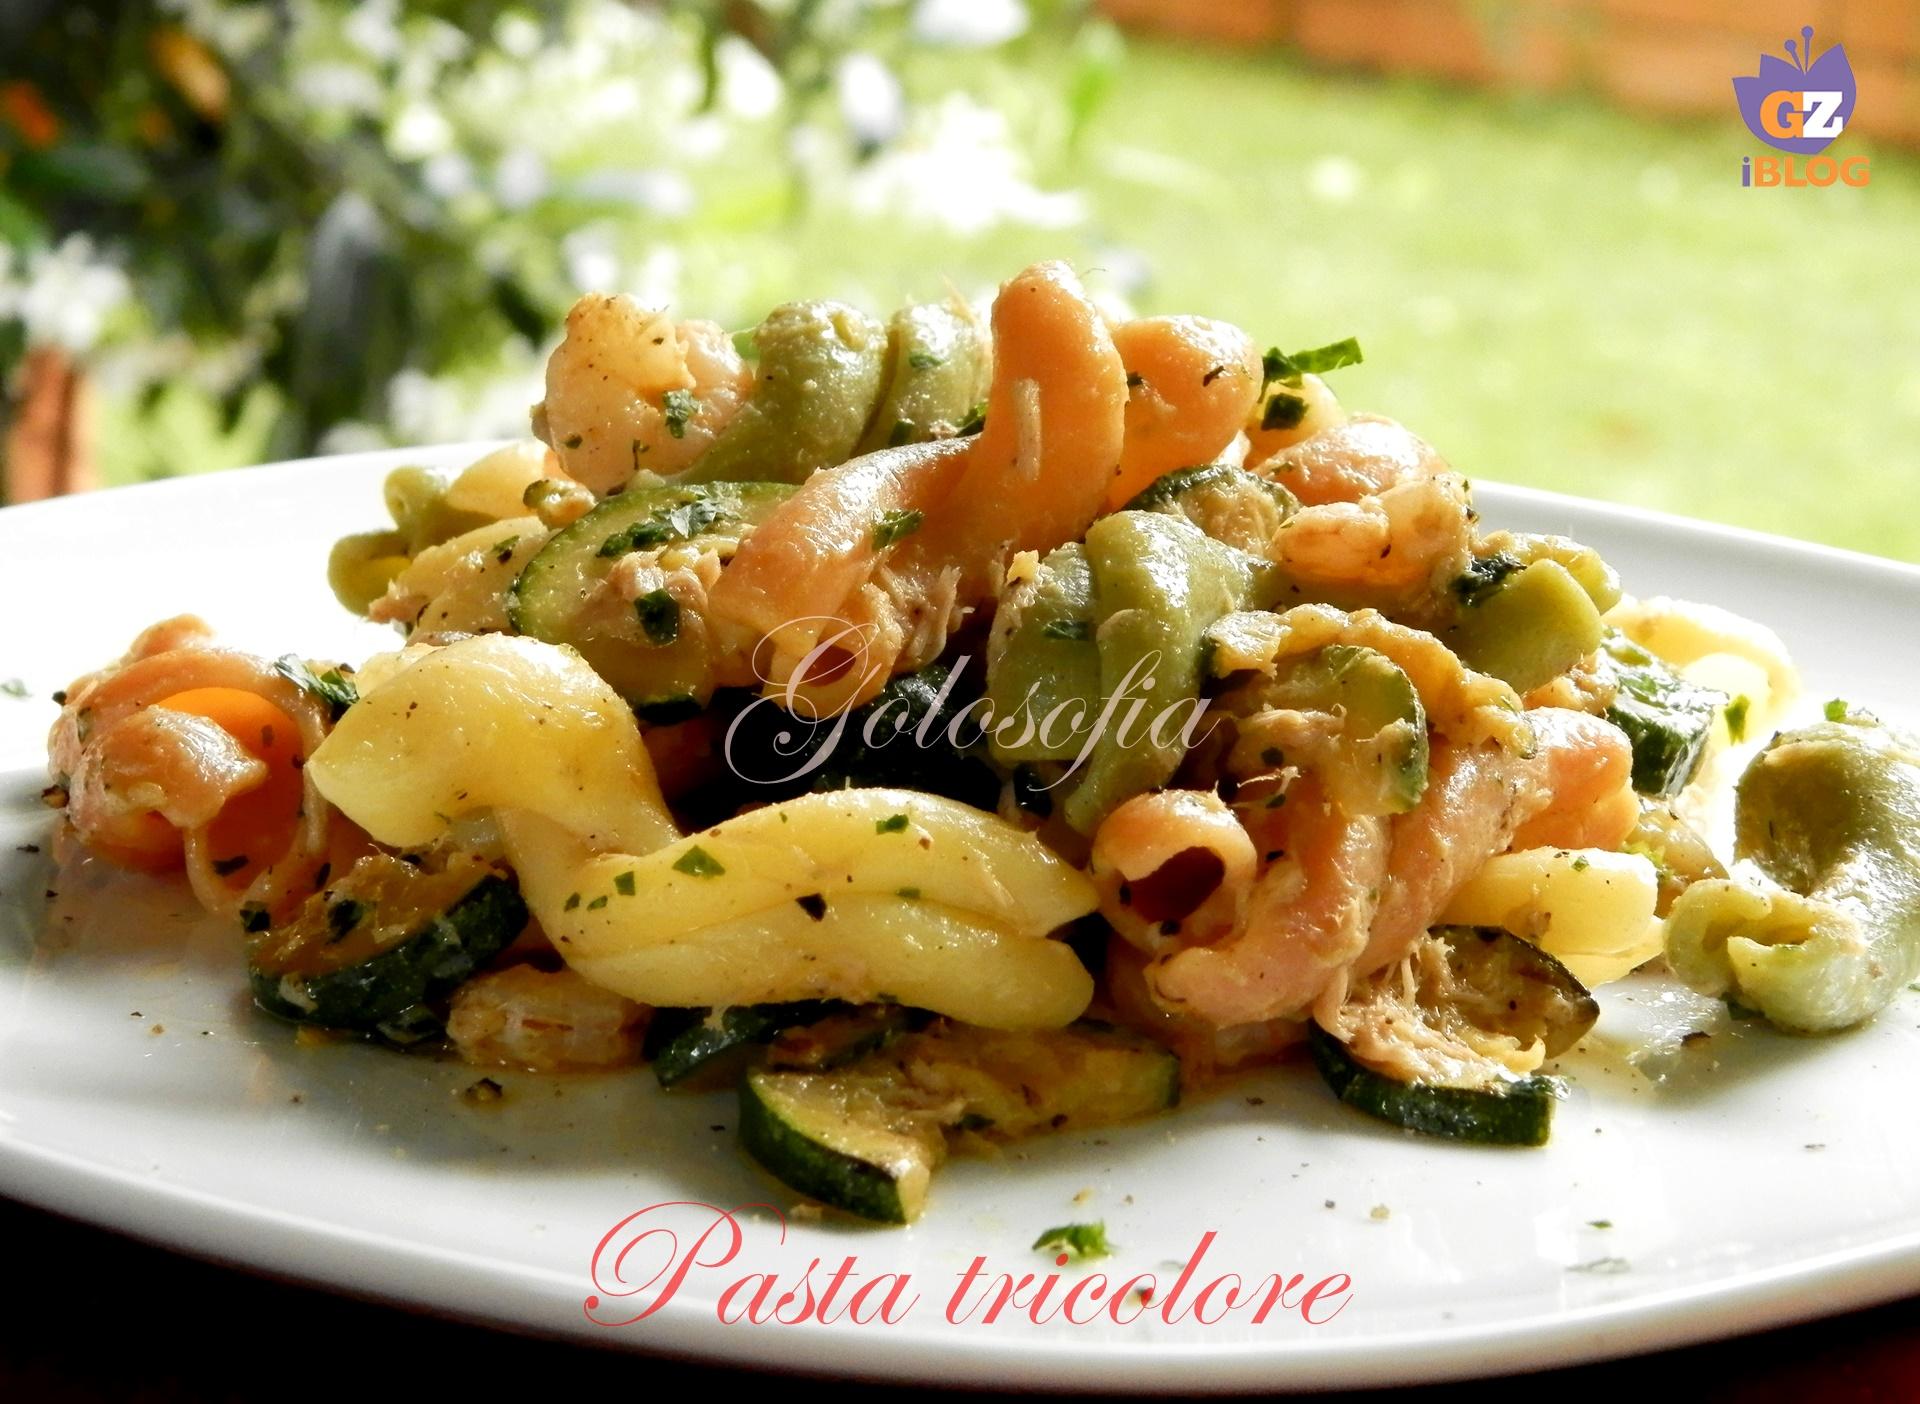 Pasta tricolore con tonno, zucchine e gamberetti-ricetta primi-golosofia